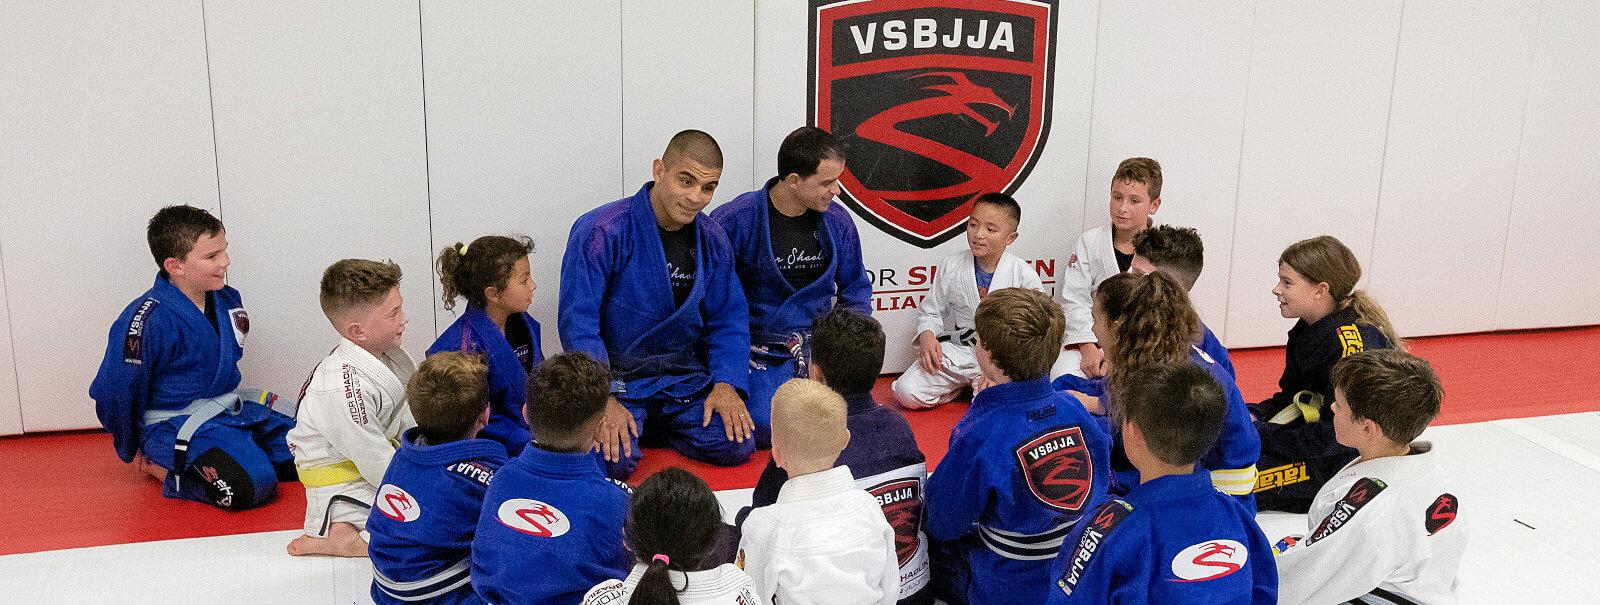 Vitor Shaolin Brazilian Jiu-Jitsu Academy